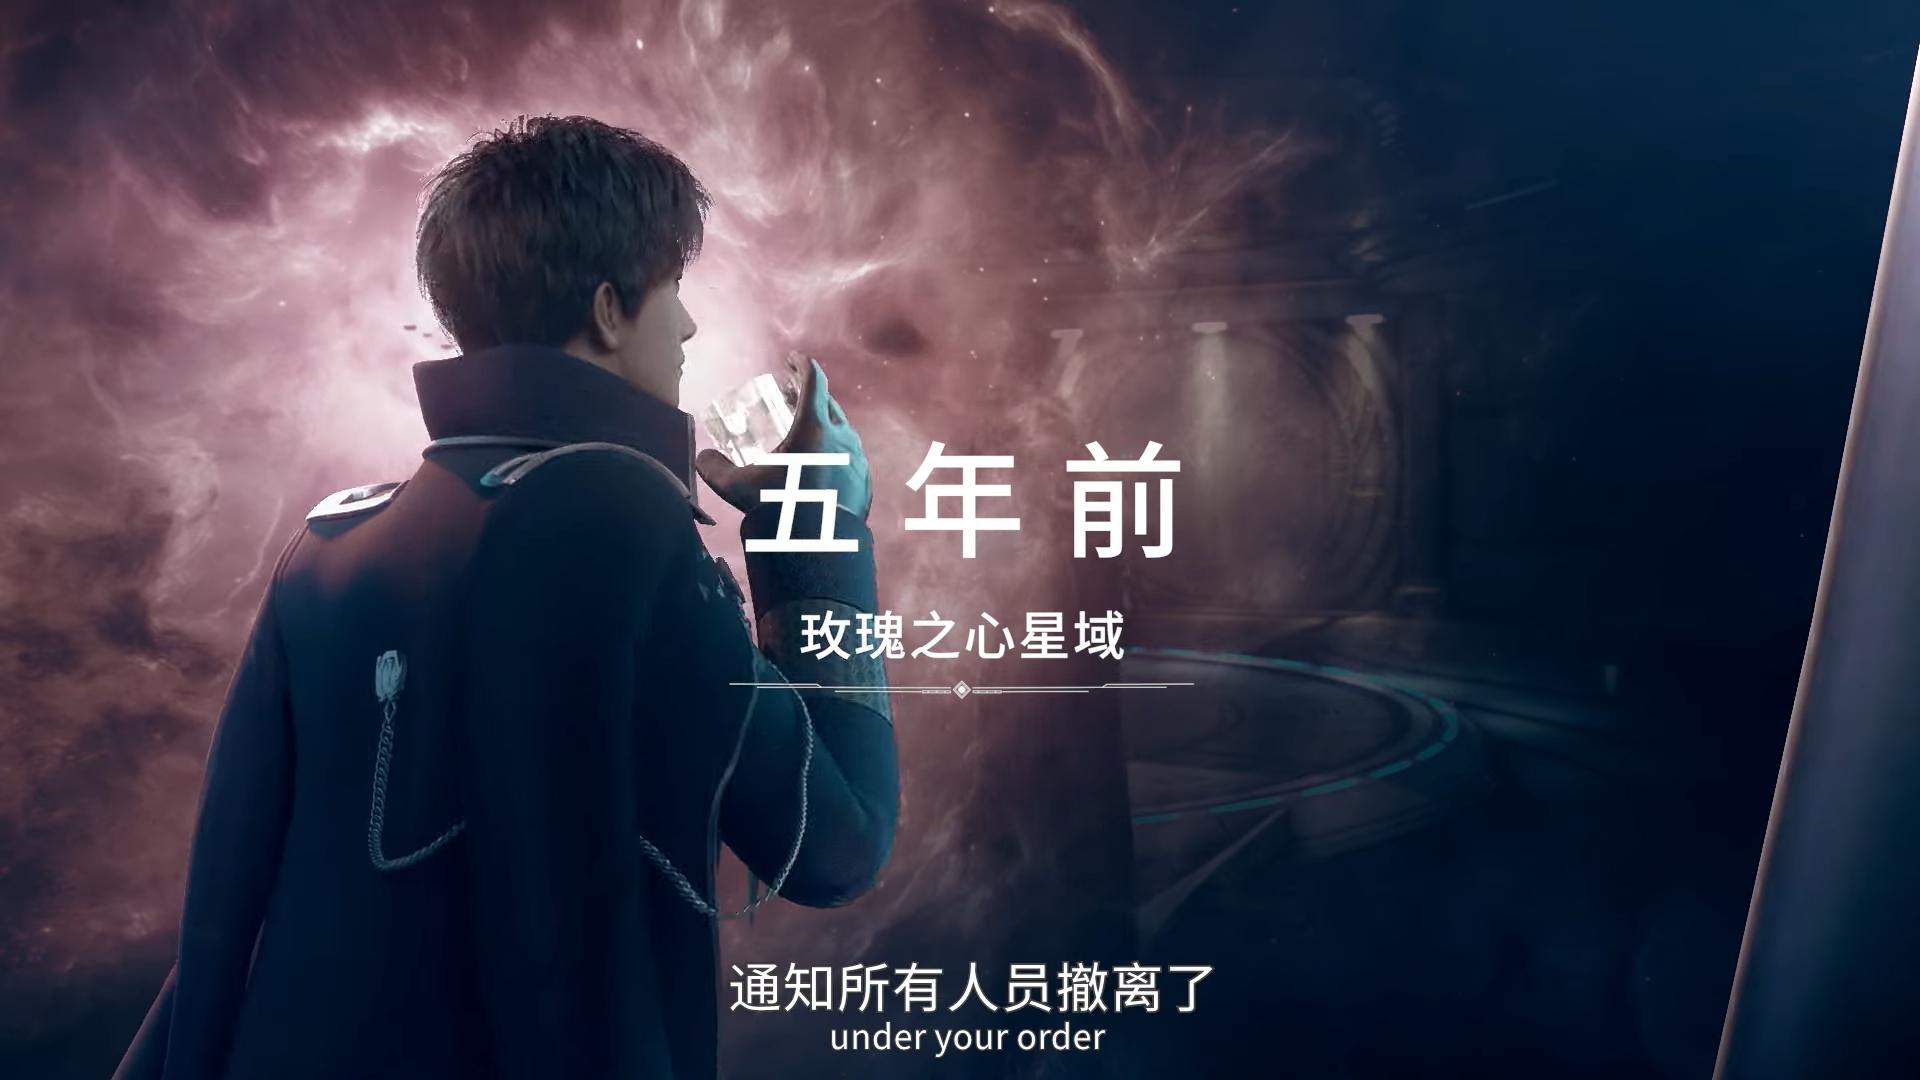 Can Ci Pin Fangzhu Xingkong - The Defective episode 02 english sub